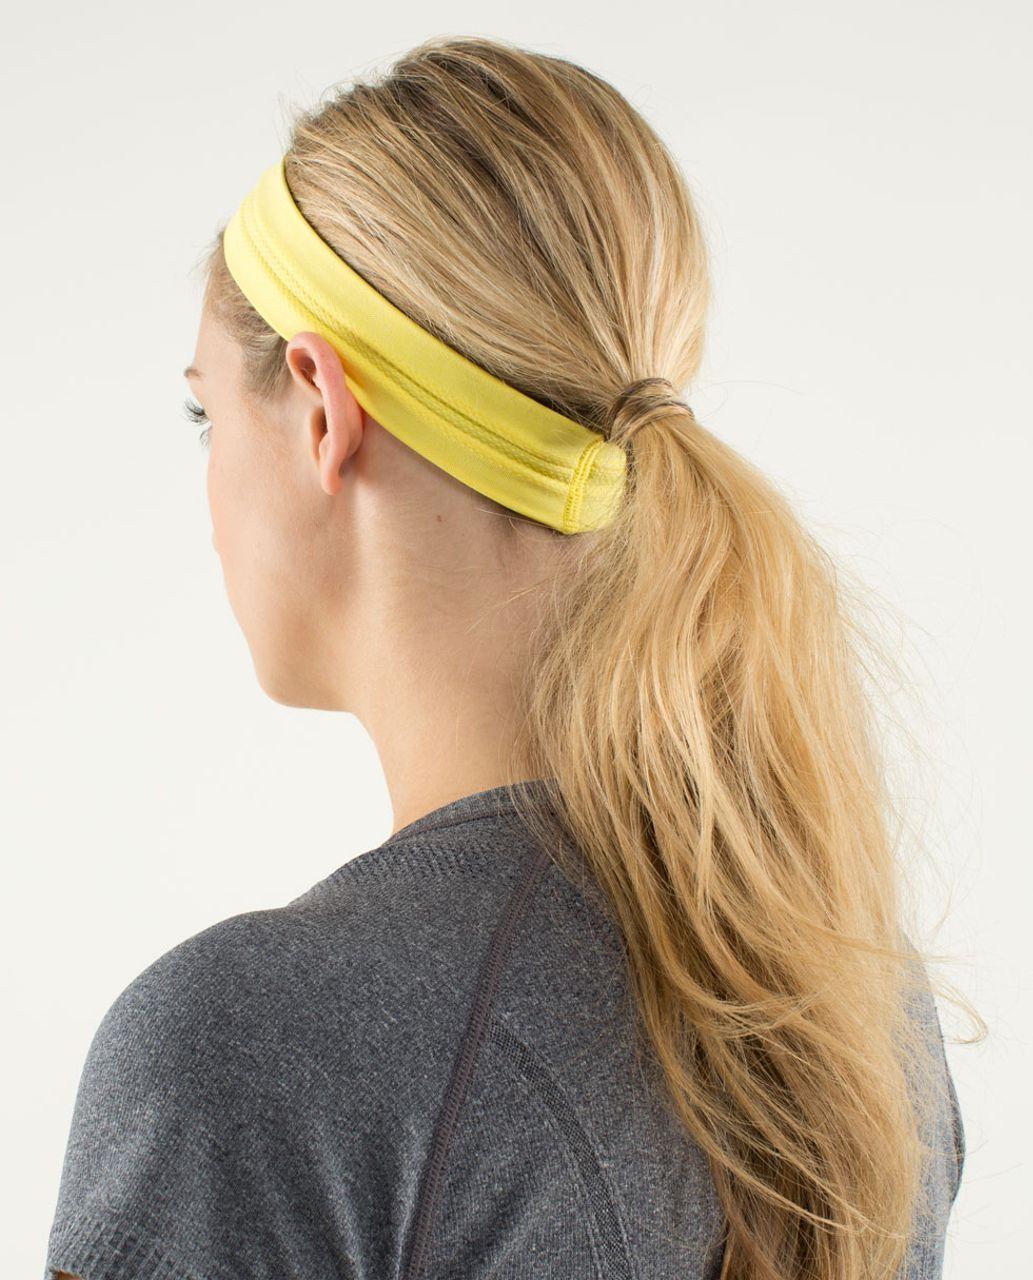 Lululemon Swiftly Headband - Sizzle